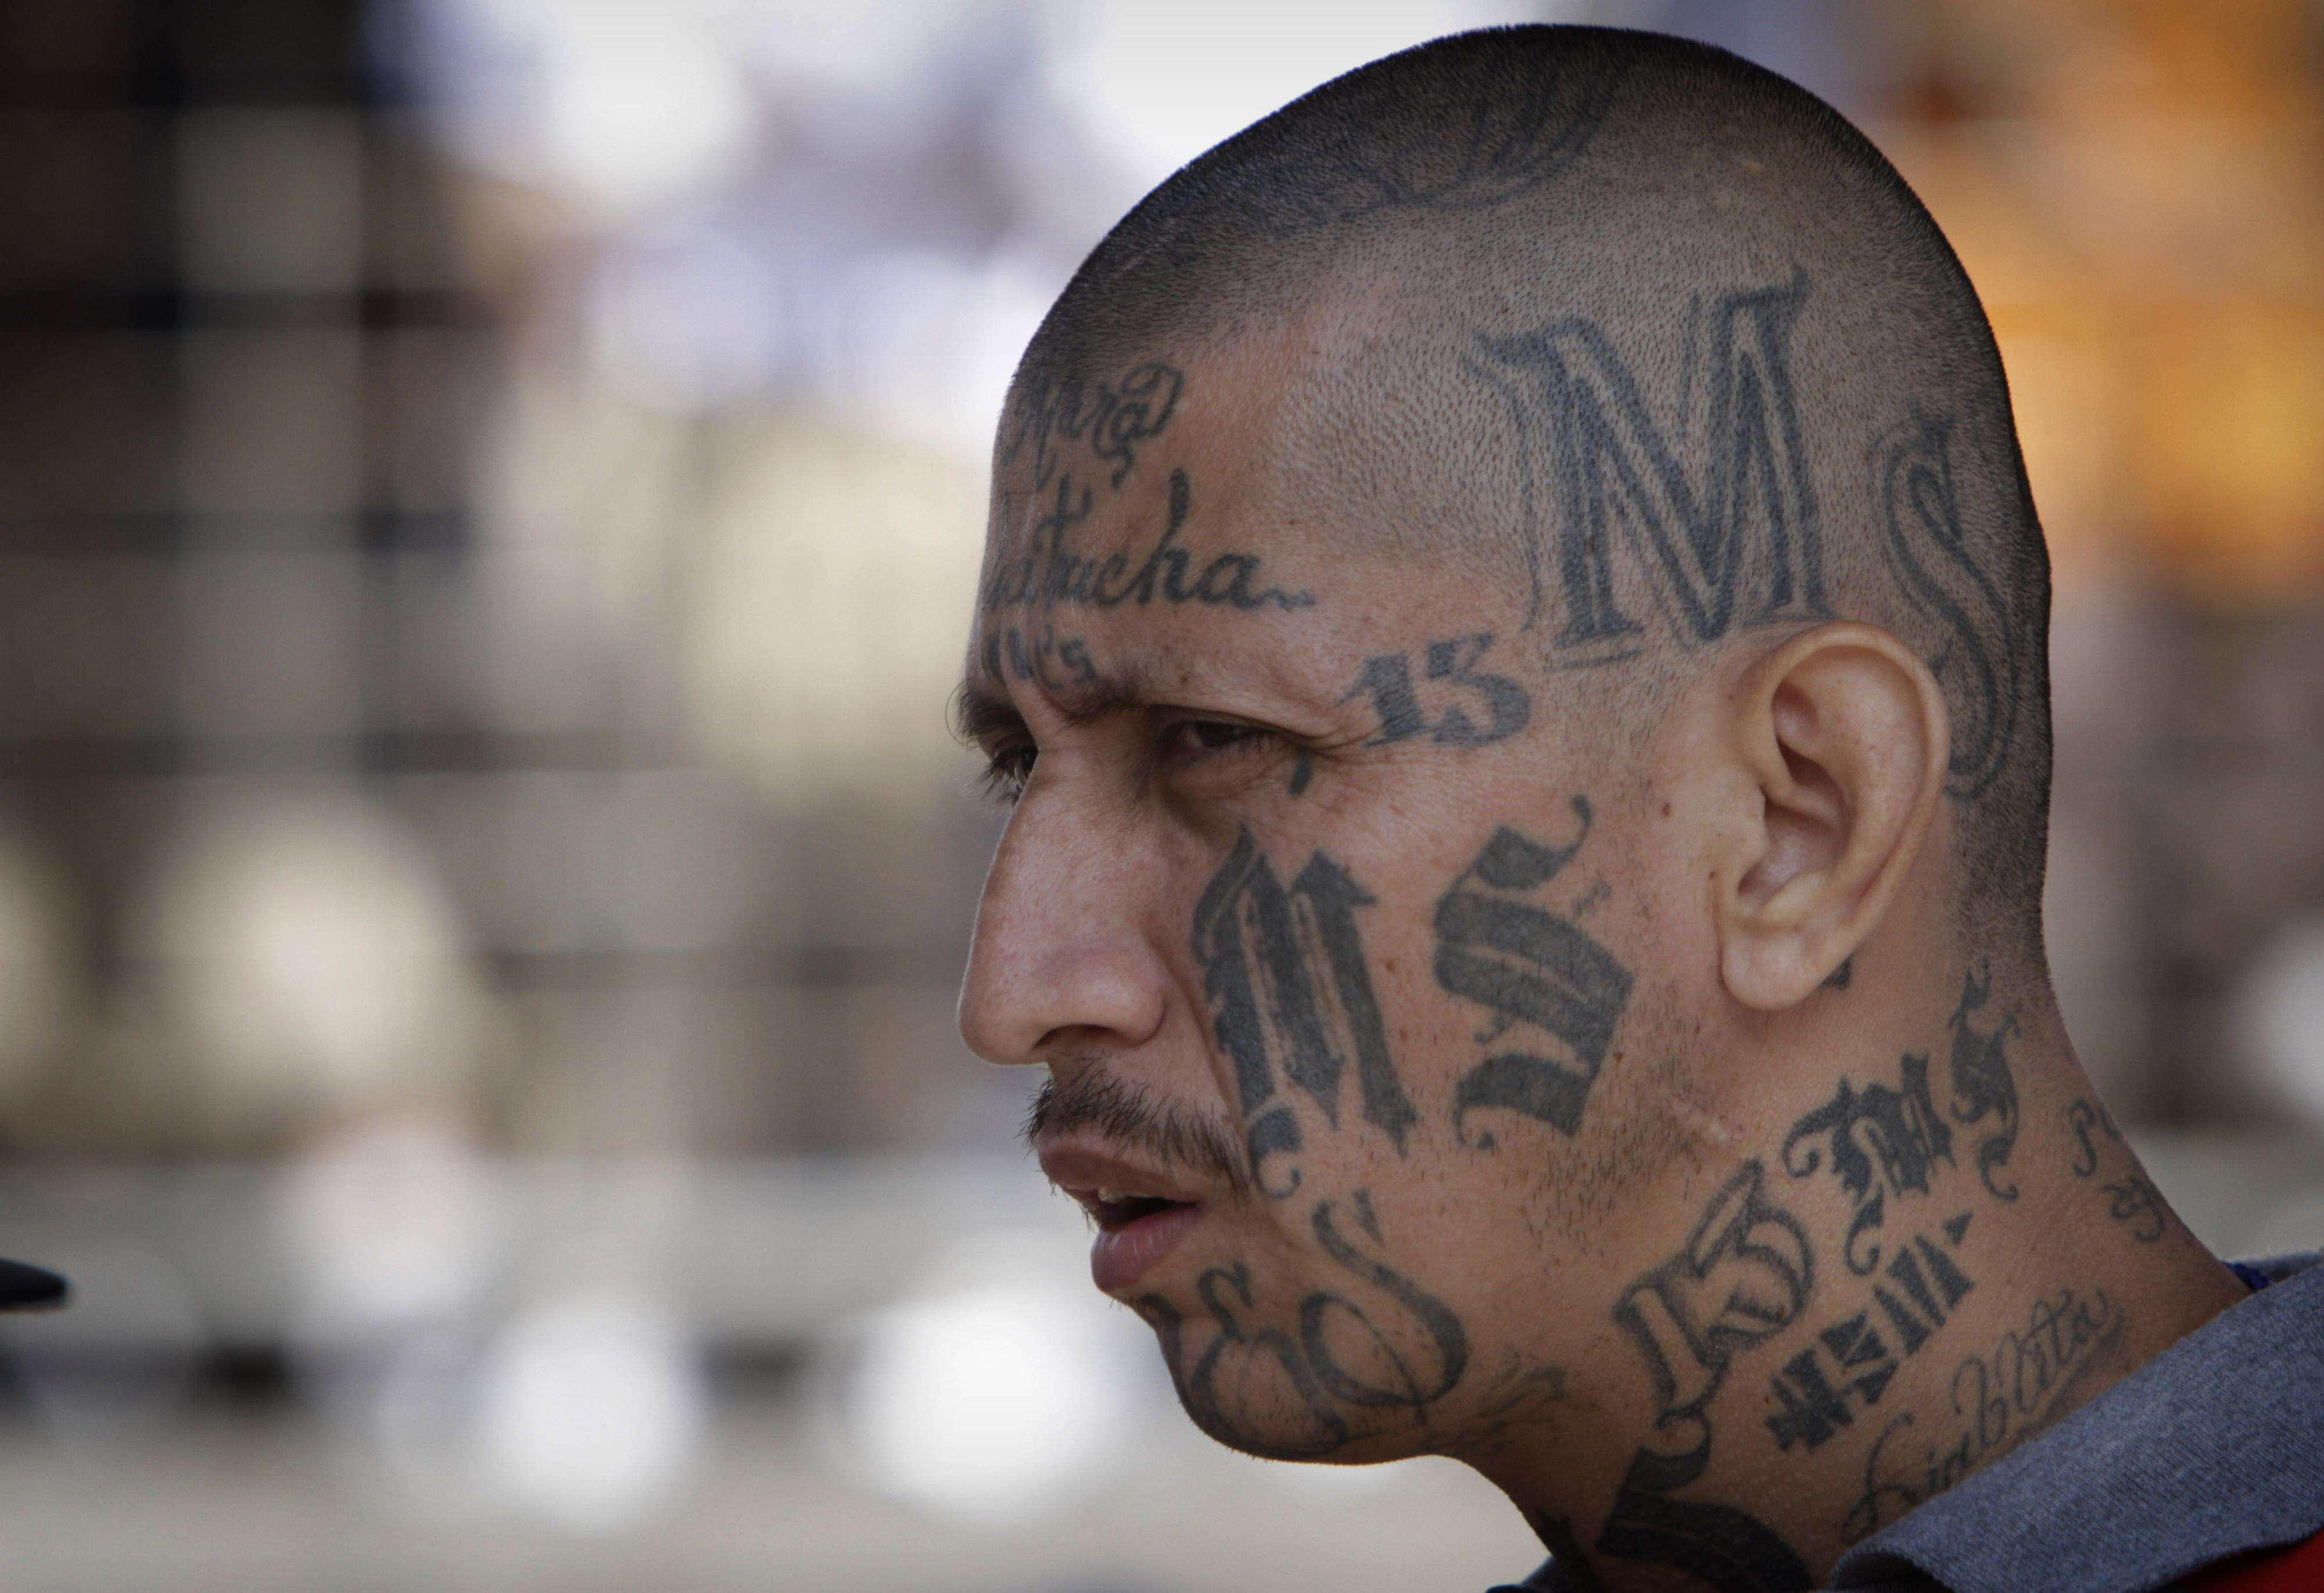 De acuerdo a las autoridades, miembros de la Mara Salvatrucha se han infiltrado en los albergues de menores centroamericanos indocumenatados en EE.UU. Foto: AP en español